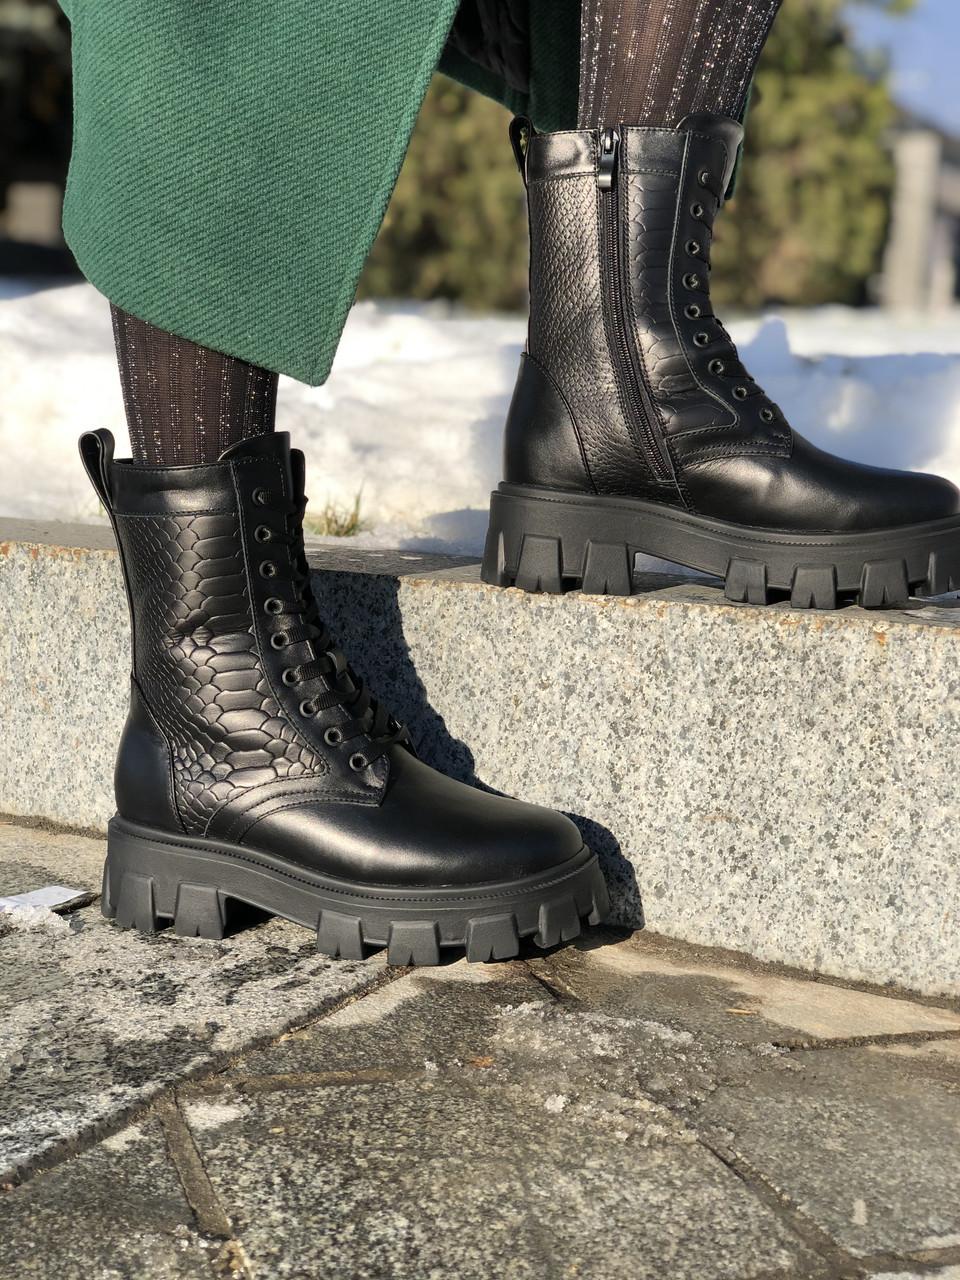 Жіночі черевики високі HBM Prado, чорний, натуральна шкіра, всередині шкіра+хутро+байка, 39 розмір